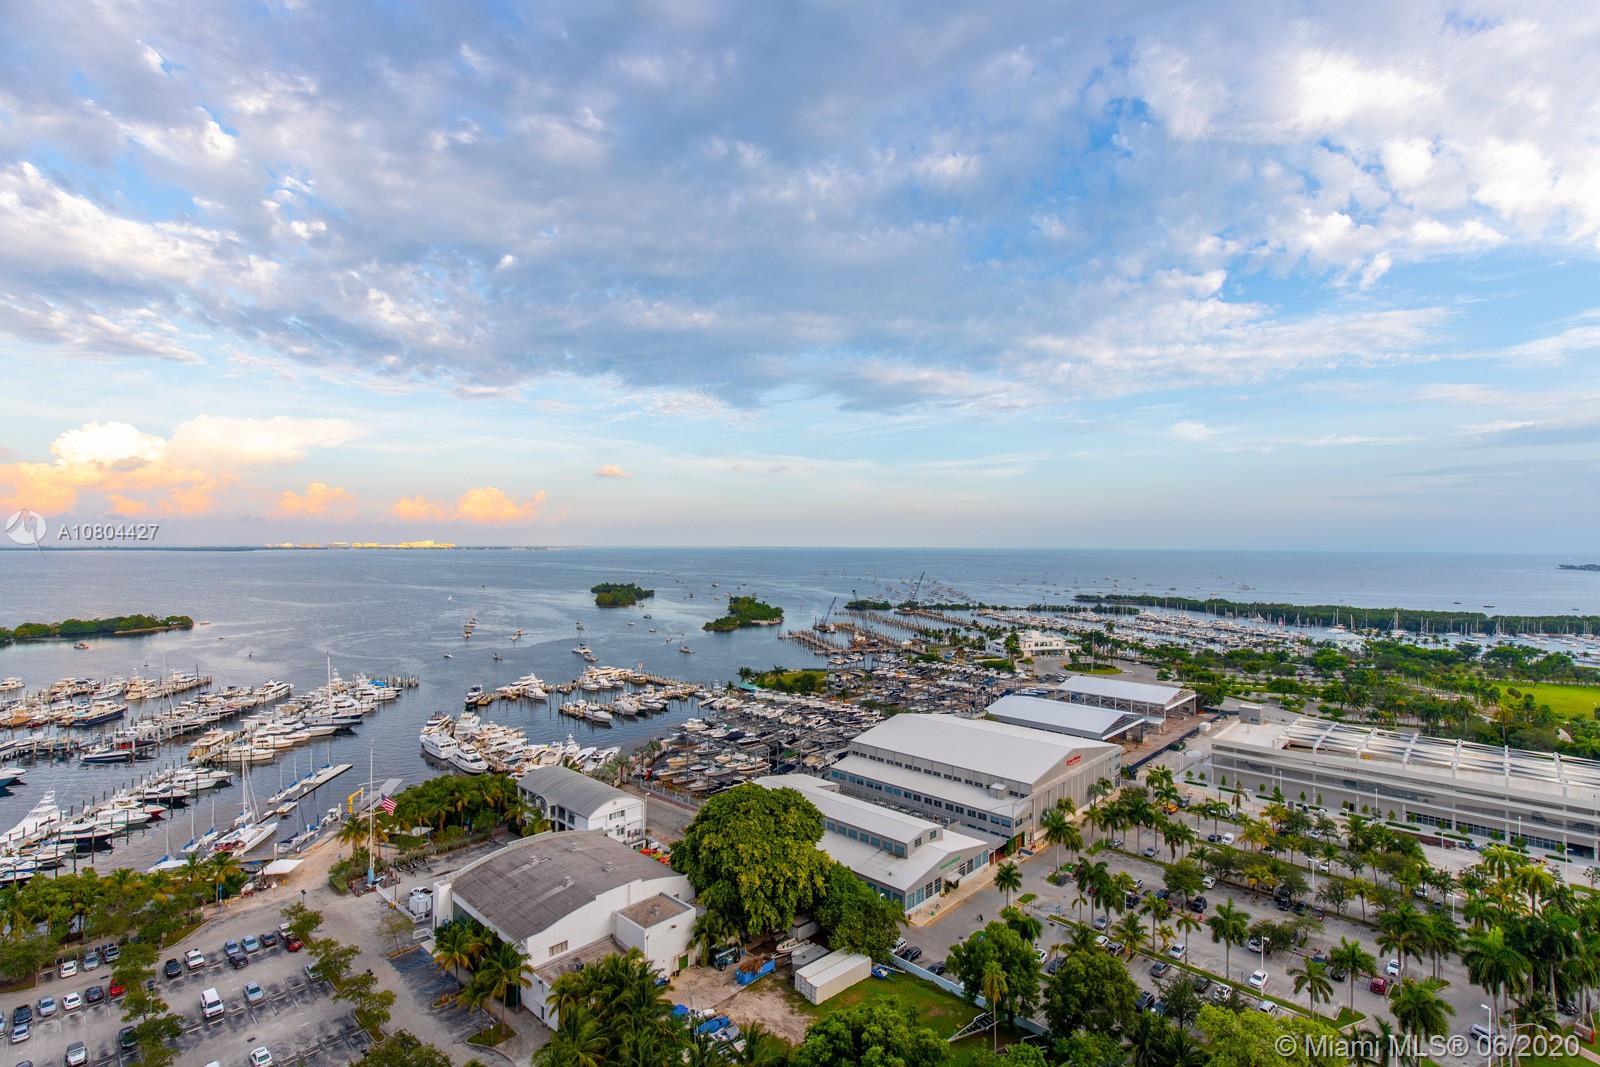 2627 S Bayshore Dr, Coral Gables, Florida